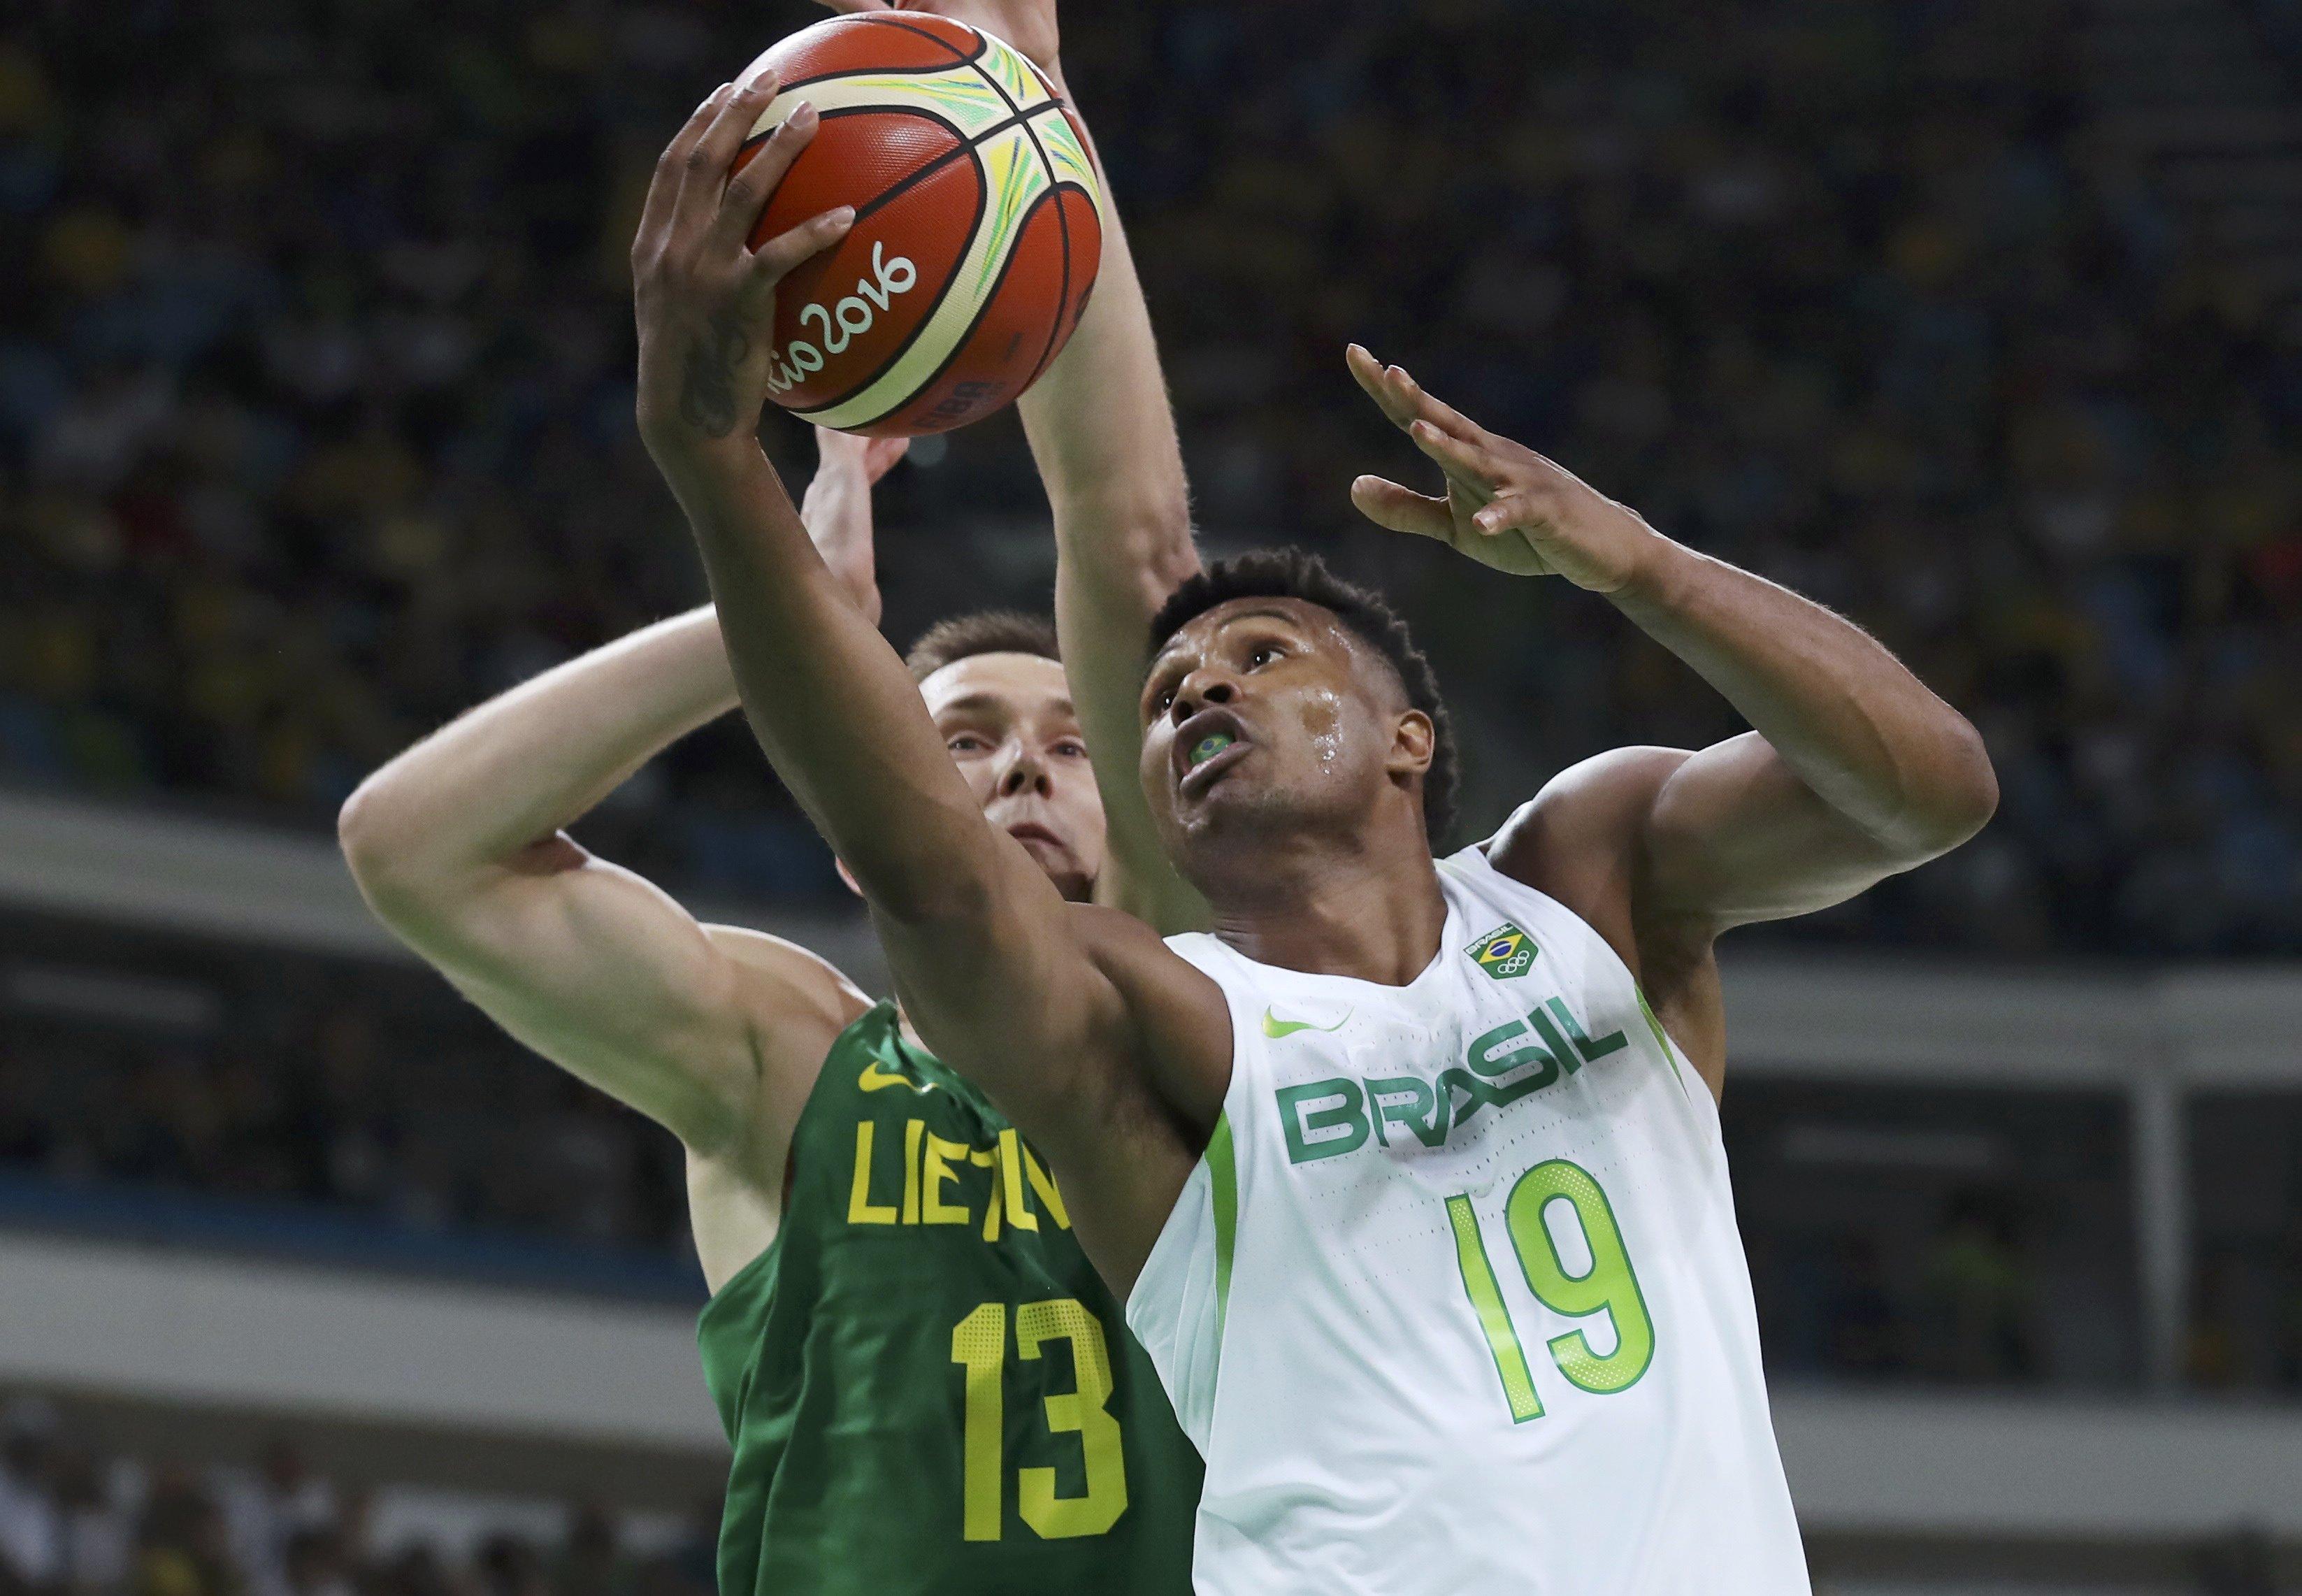 世界盃大勢分析—巴西 – Basketball Lab | 籃球研究院